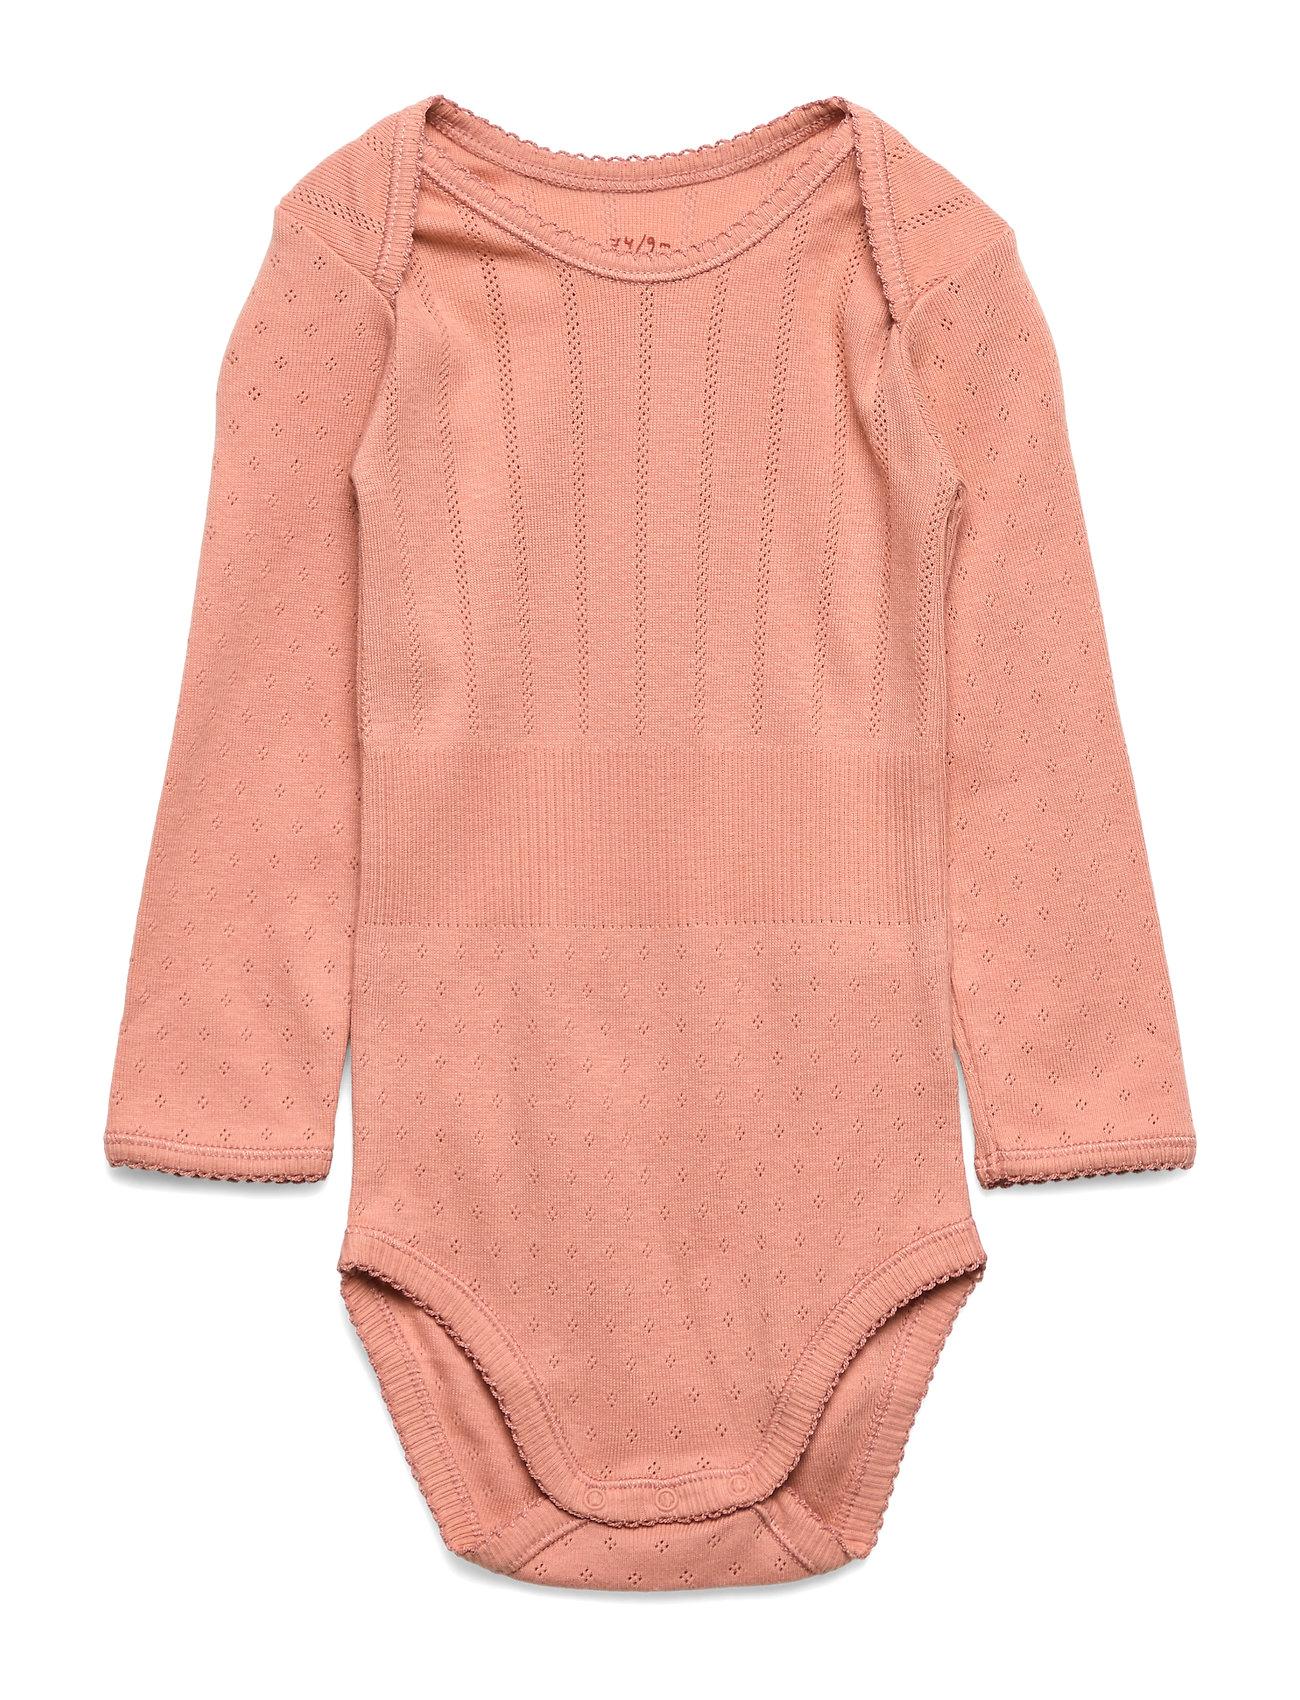 Noa Noa Miniature Baby Body - ROSE DAWN